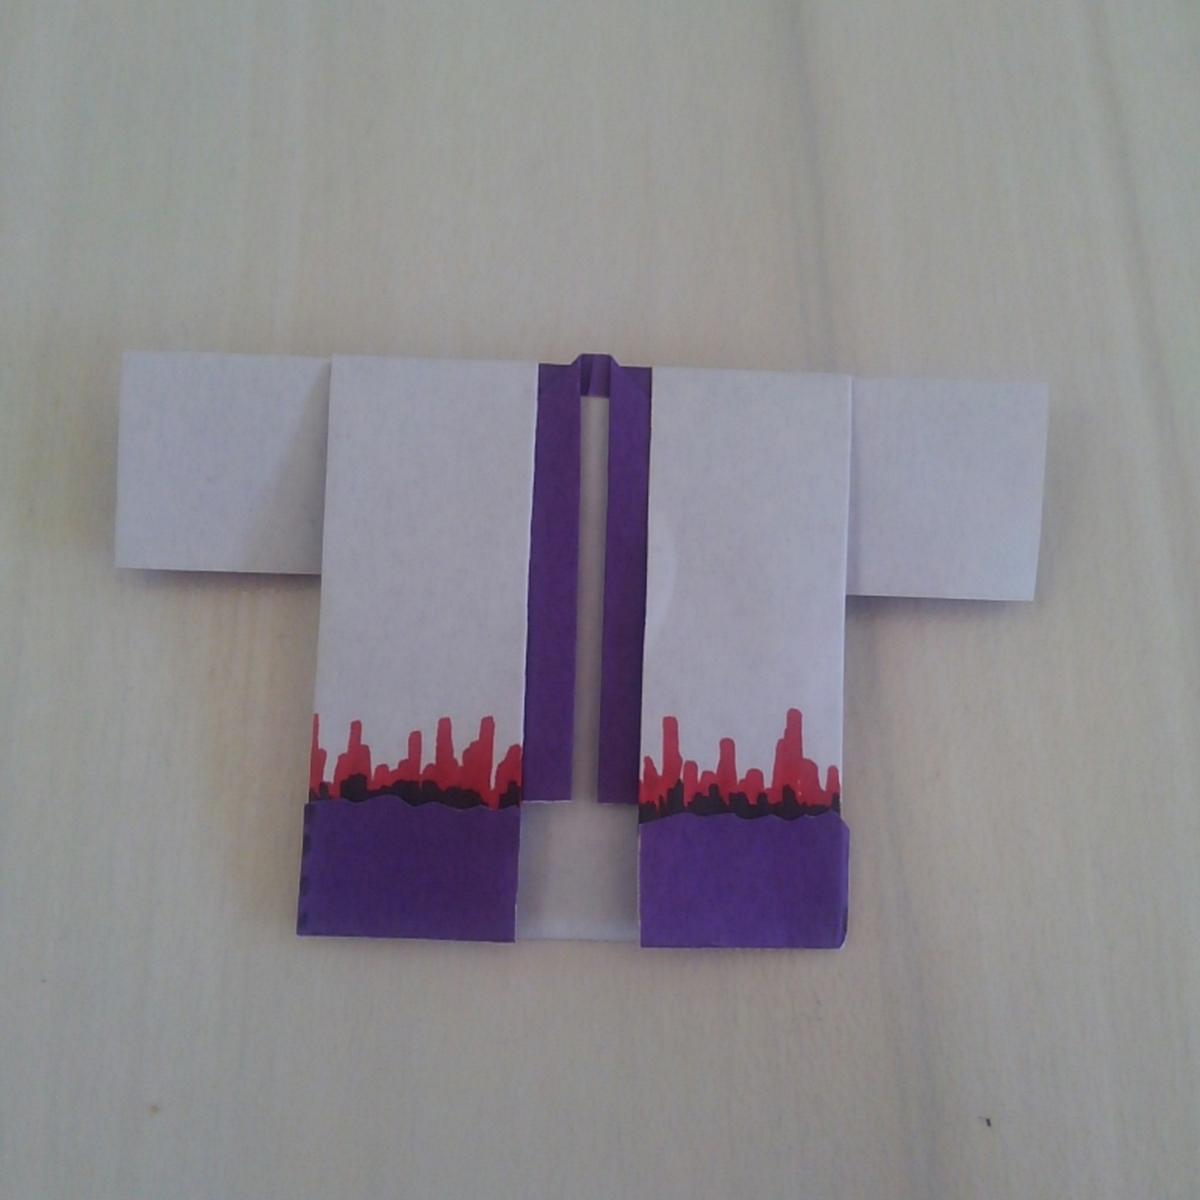 鬼滅の刃 折り紙 羽織 産屋敷耀哉